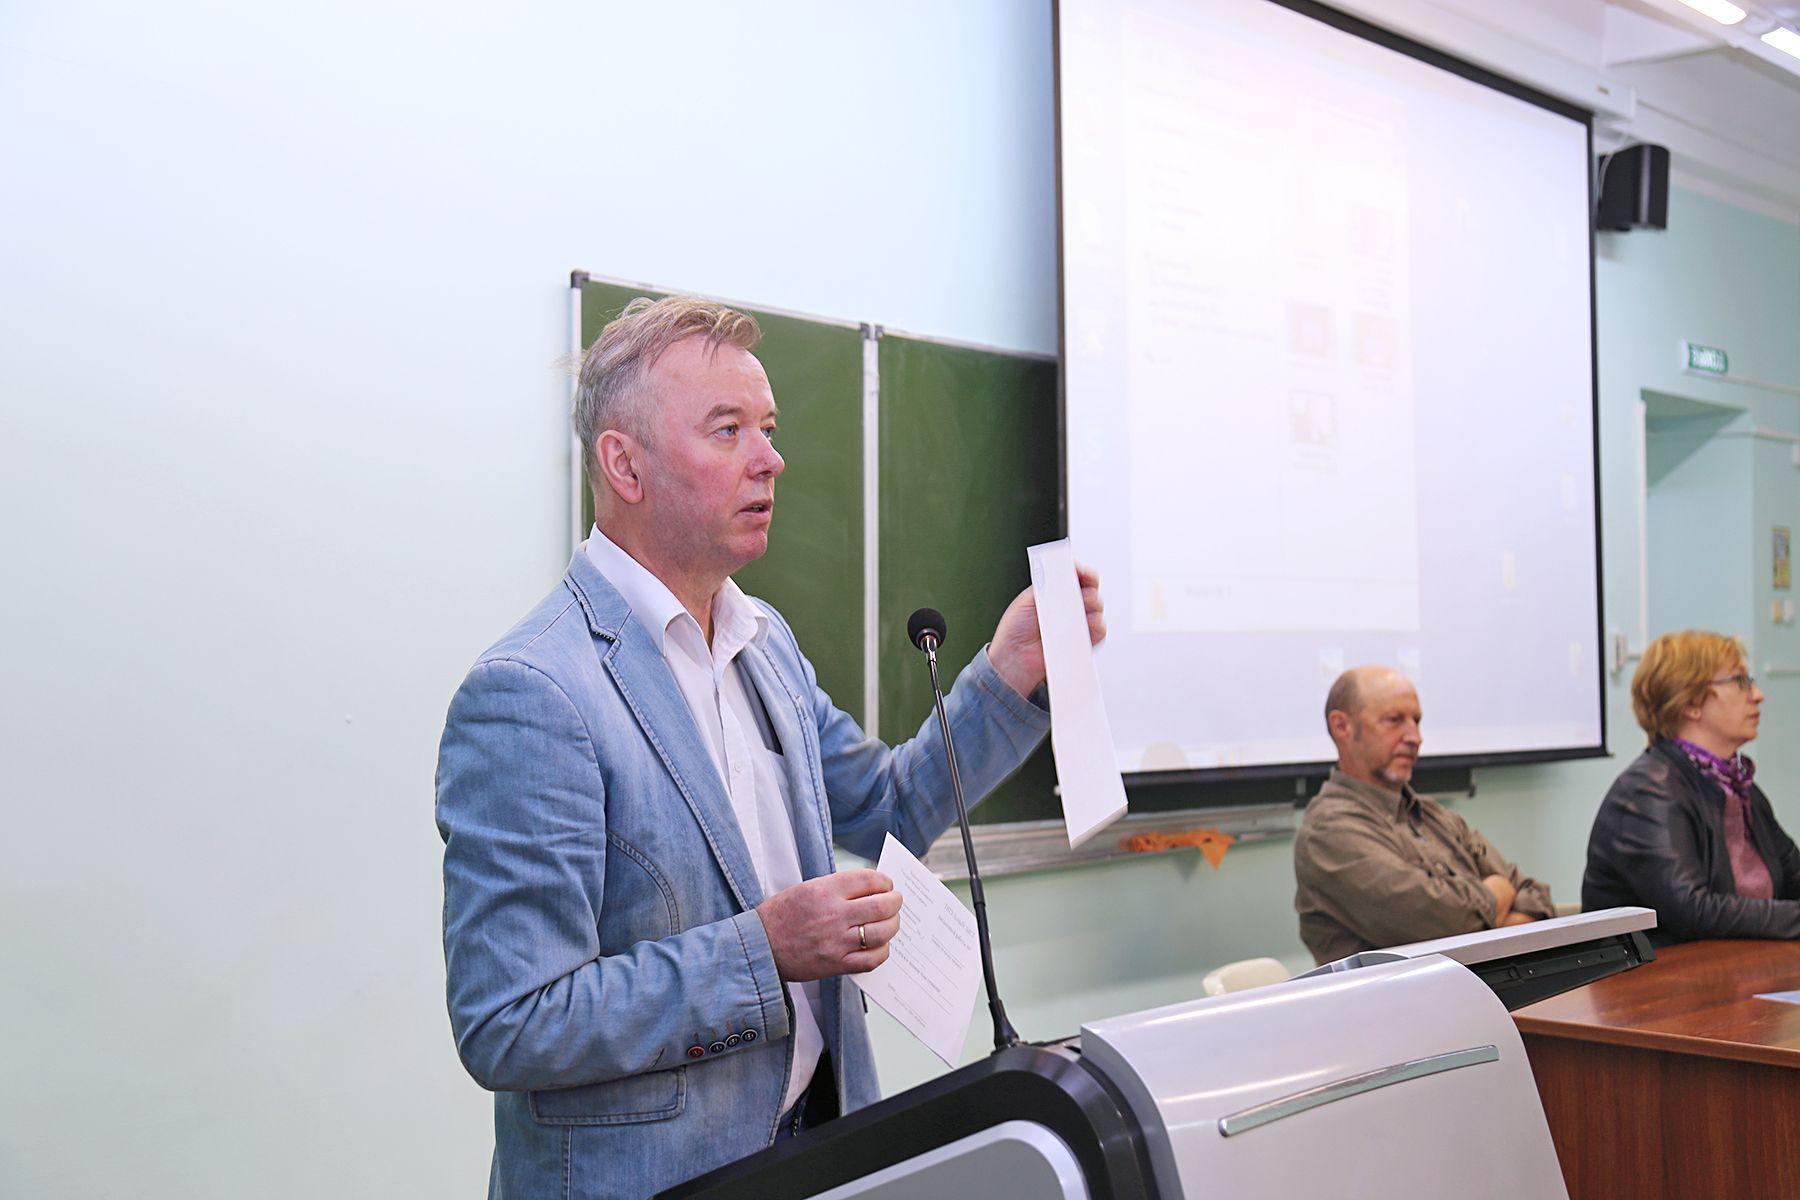 Директор Высшей школы телевидения ВГУЭС Сергей Булах – об особенностях поступления, этапах творческого конкурса и количестве бюджетных мест